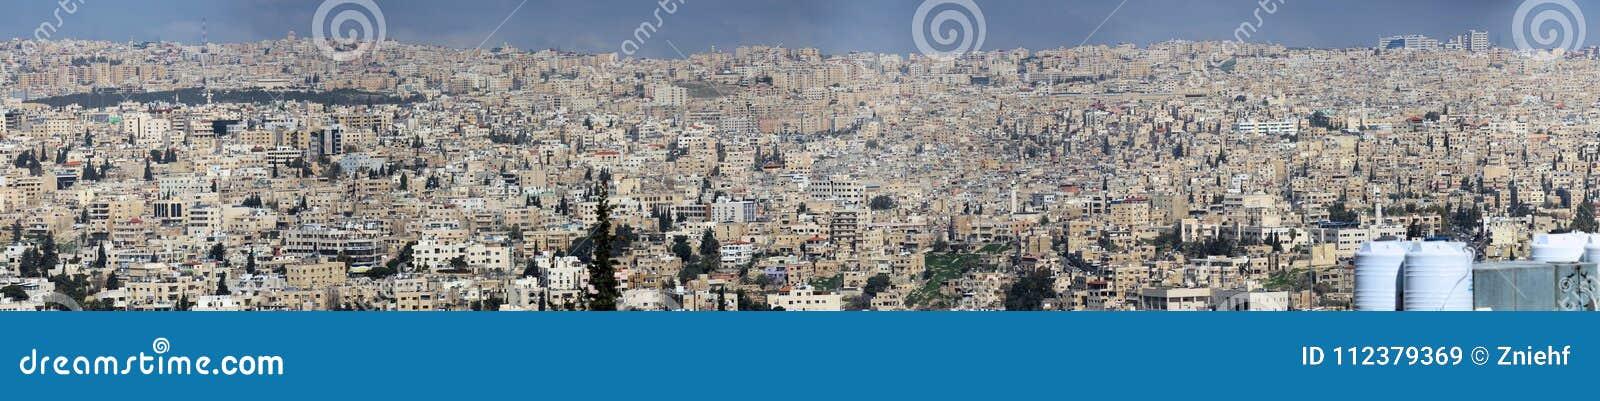 Amman, Jordanie, le 11 mars h 2018 : Vue panoramique de haute résolution du développement pas très gentil d Amman, la capitale du